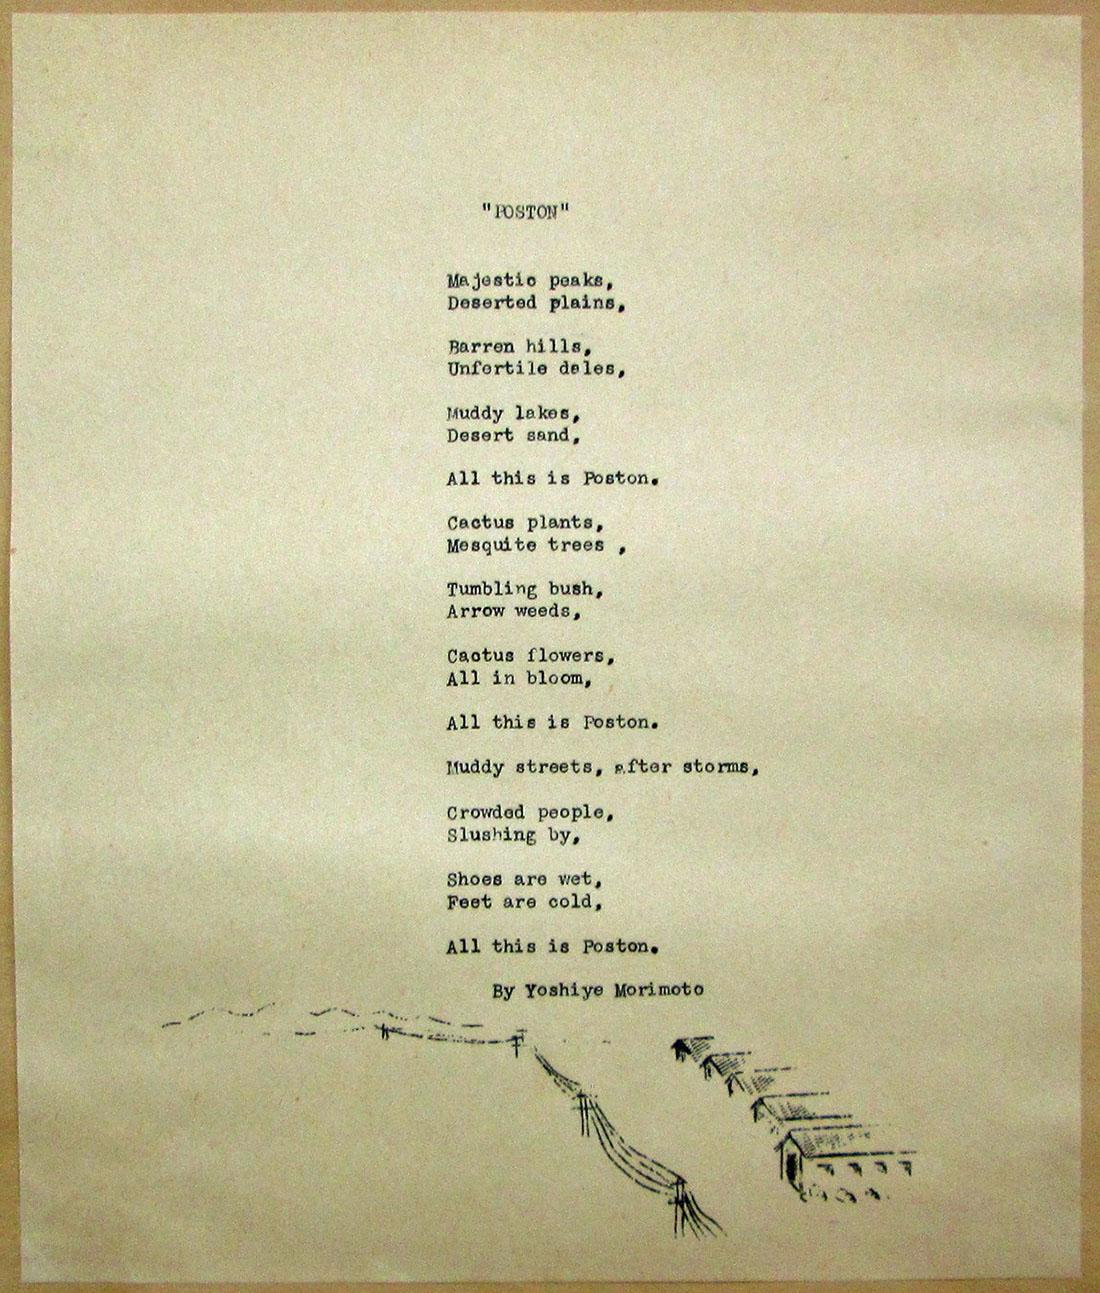 Poston poem | Courtesy of Bill Bell